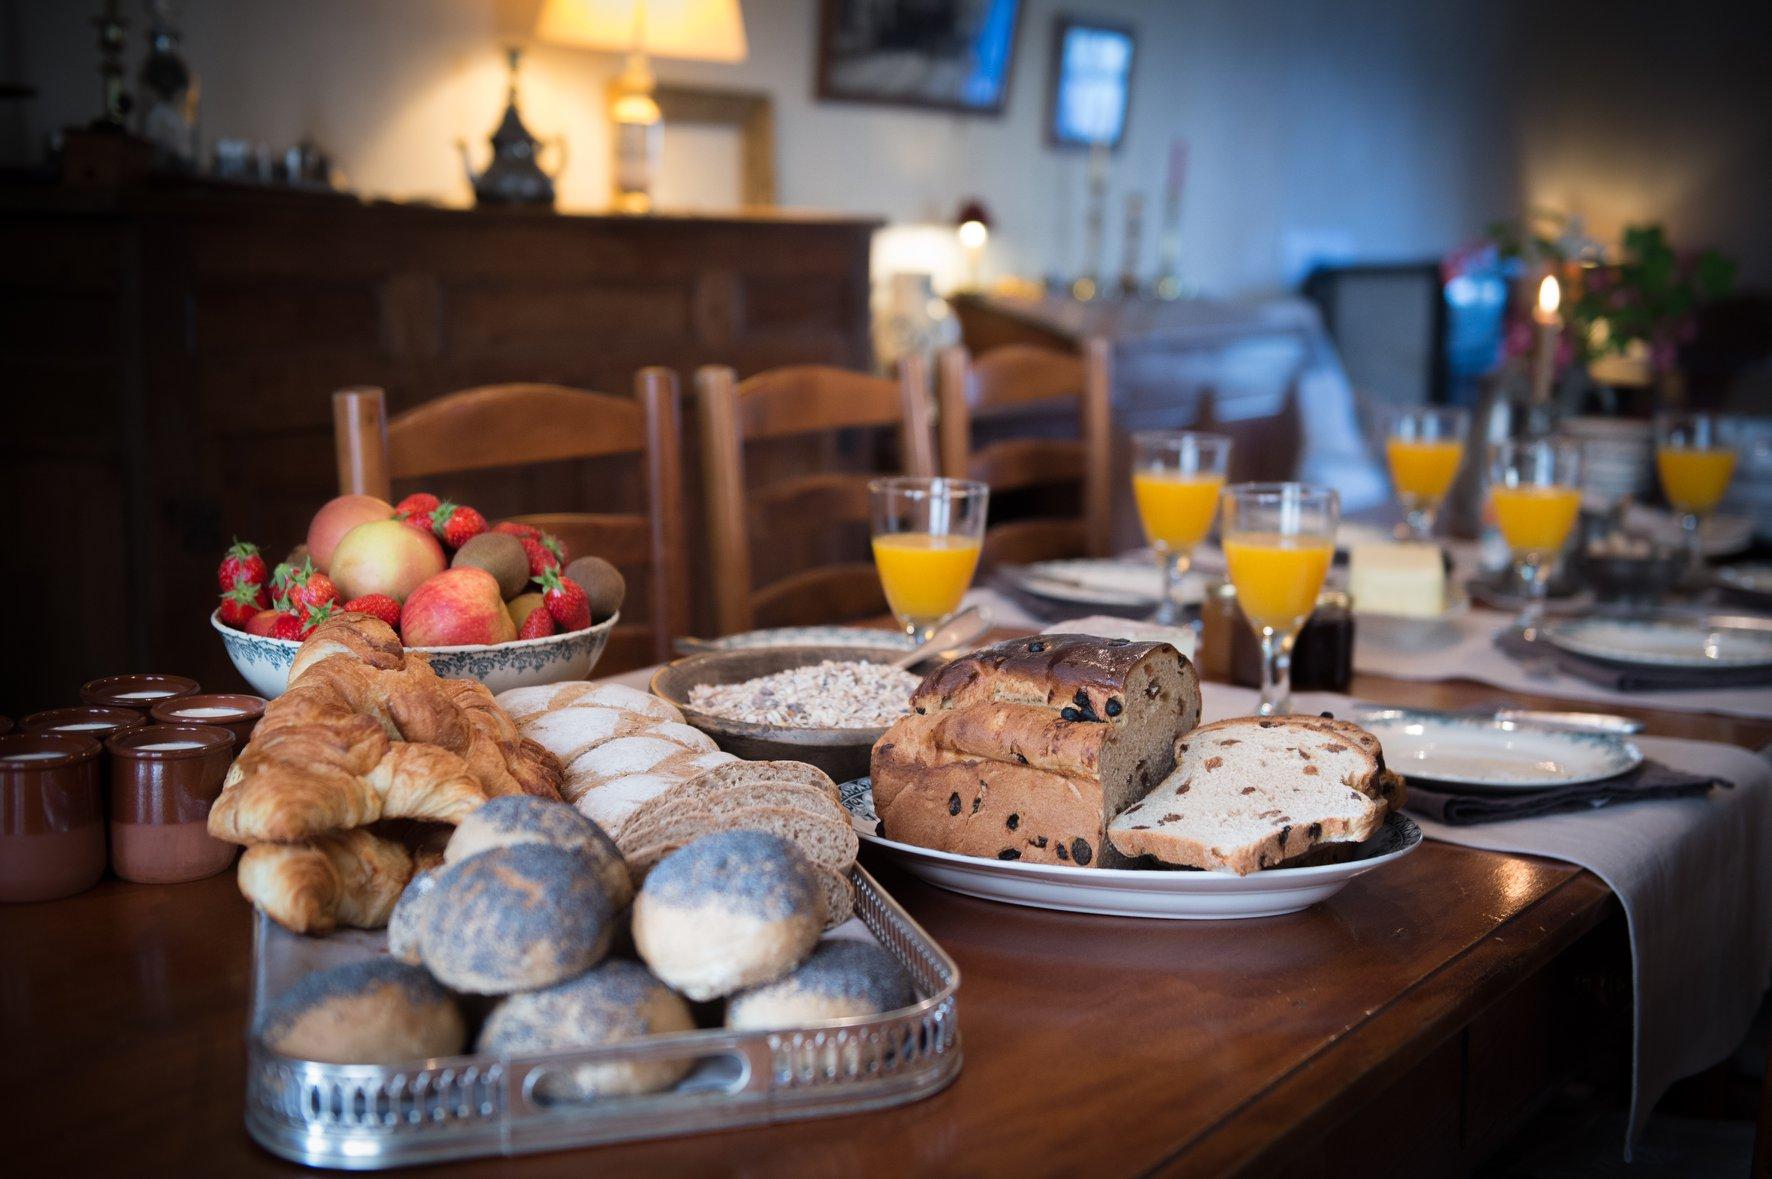 Le Rêve d'Aghon chambre d'hôte Bagnères de Bigorre petit déjeuner